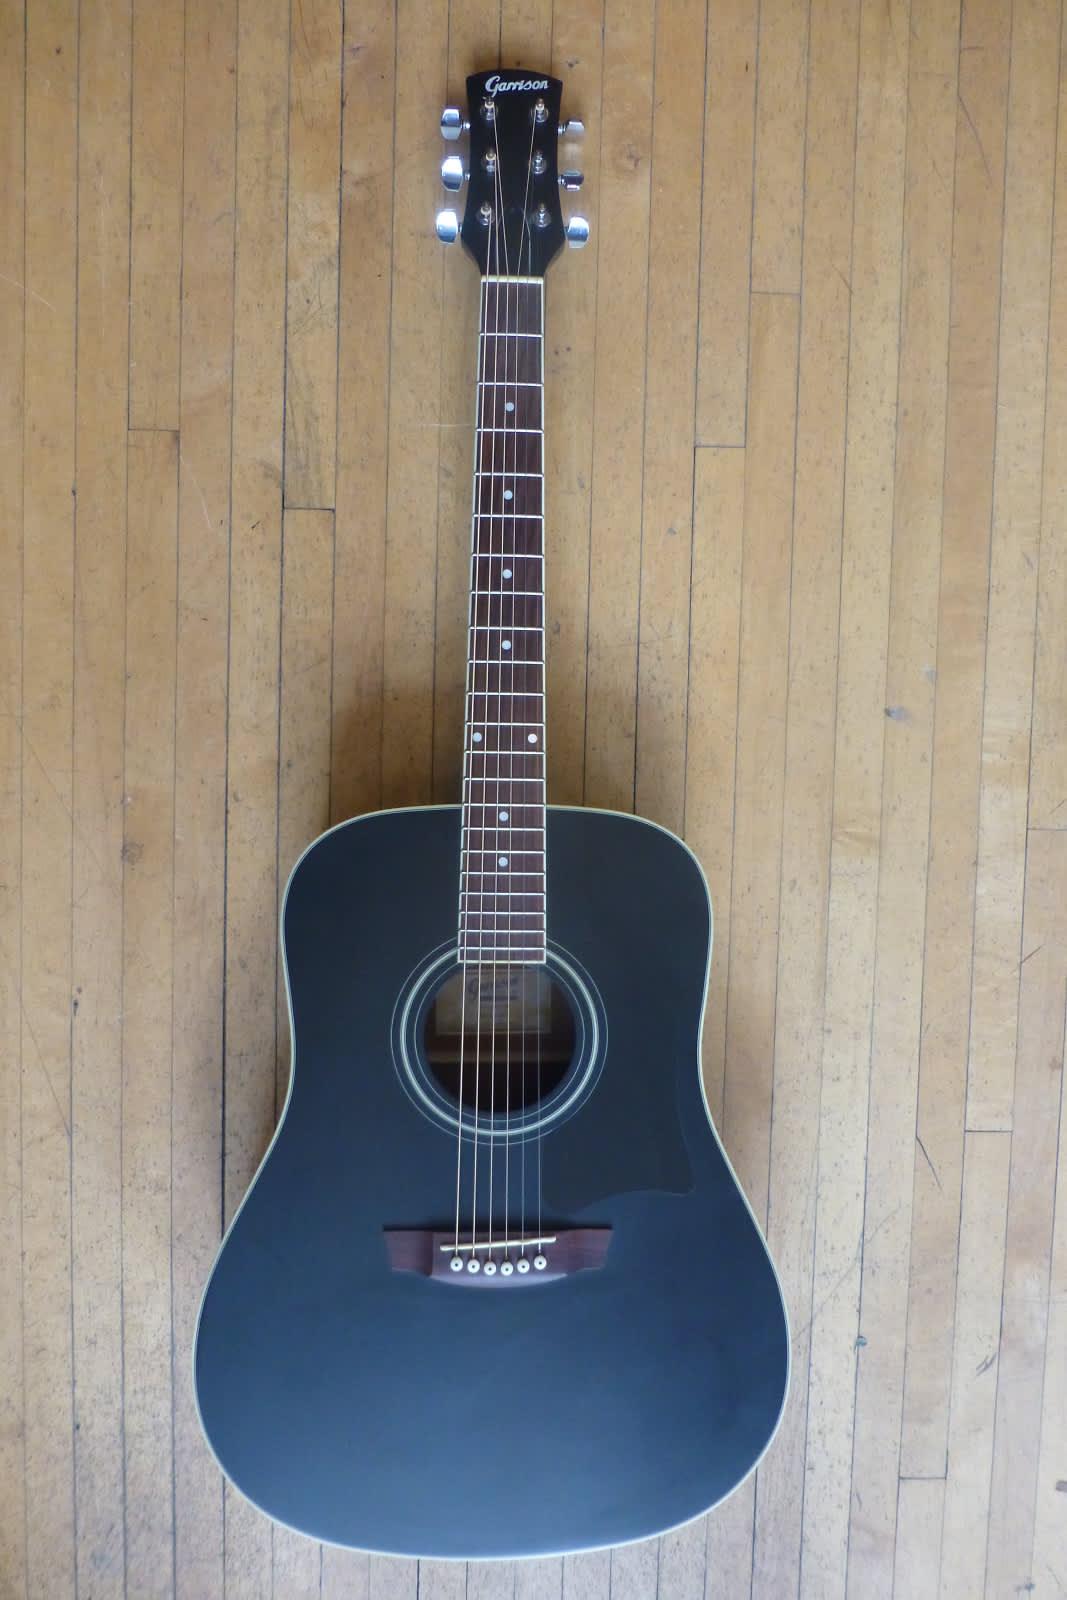 garrison ag 200 bk matte black acoustic guitar reverb. Black Bedroom Furniture Sets. Home Design Ideas